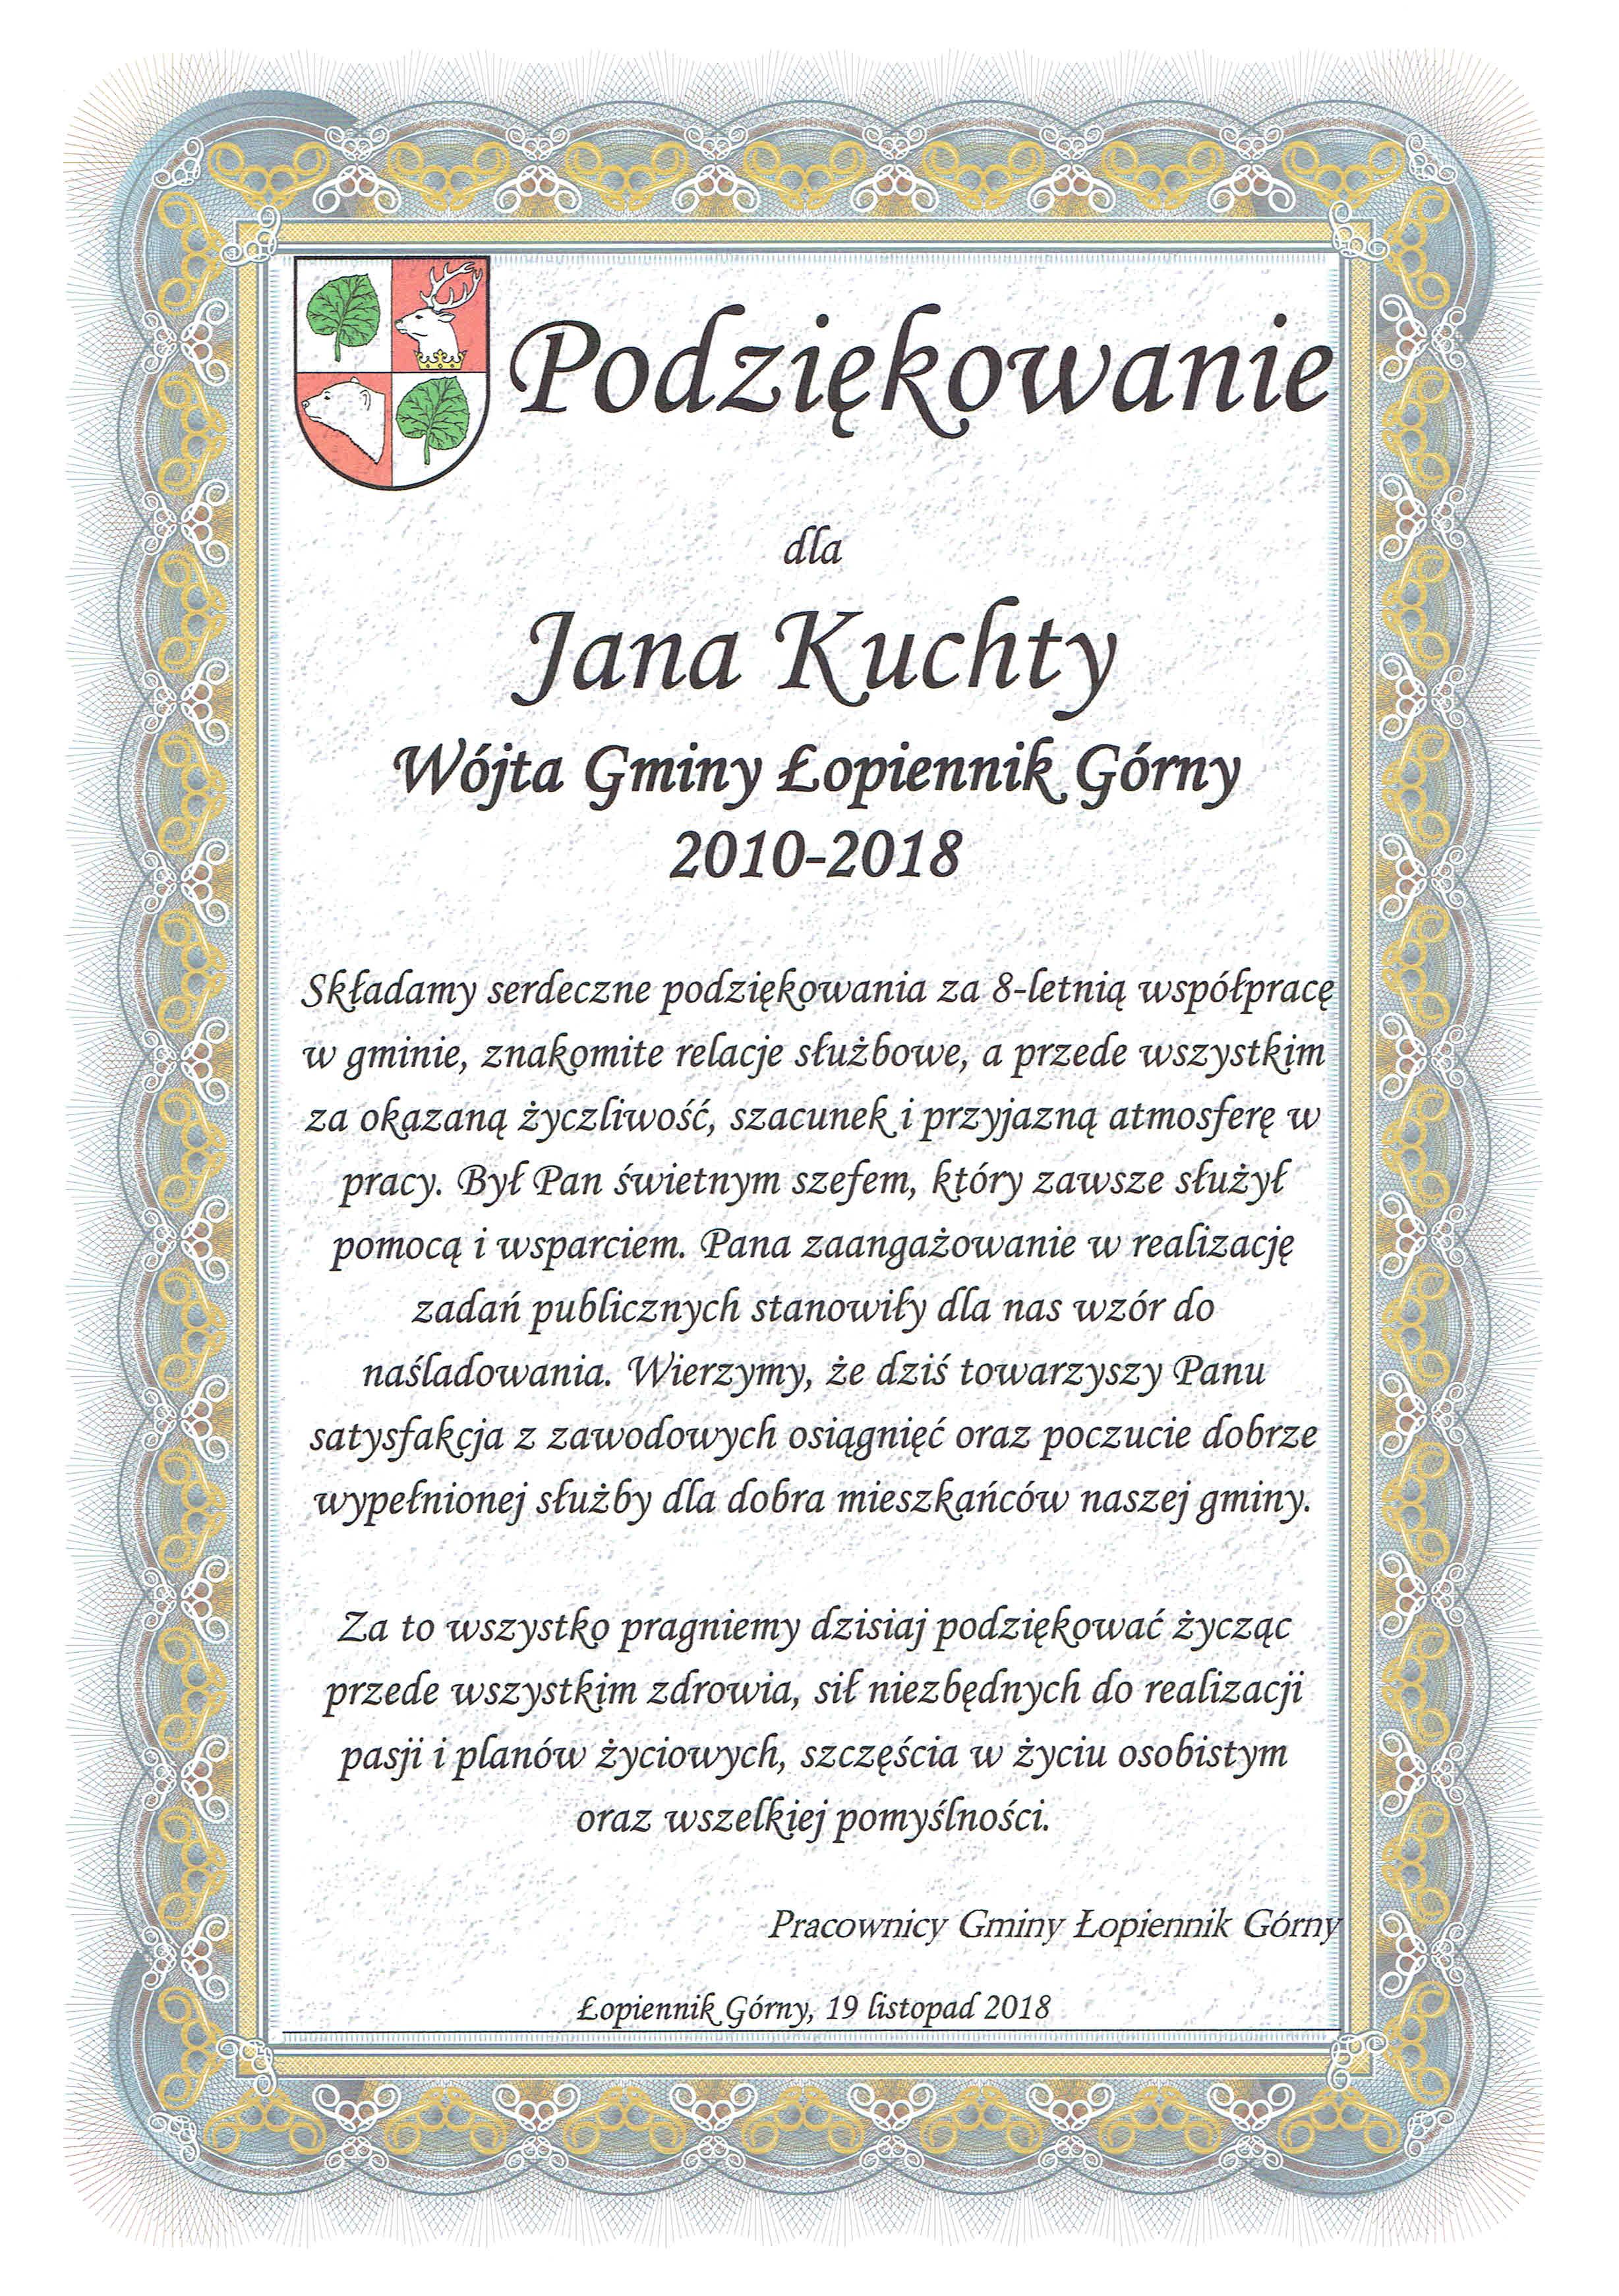 Gmina łopiennik Górny Zakończenie Vii Kadencji Rady Gminy